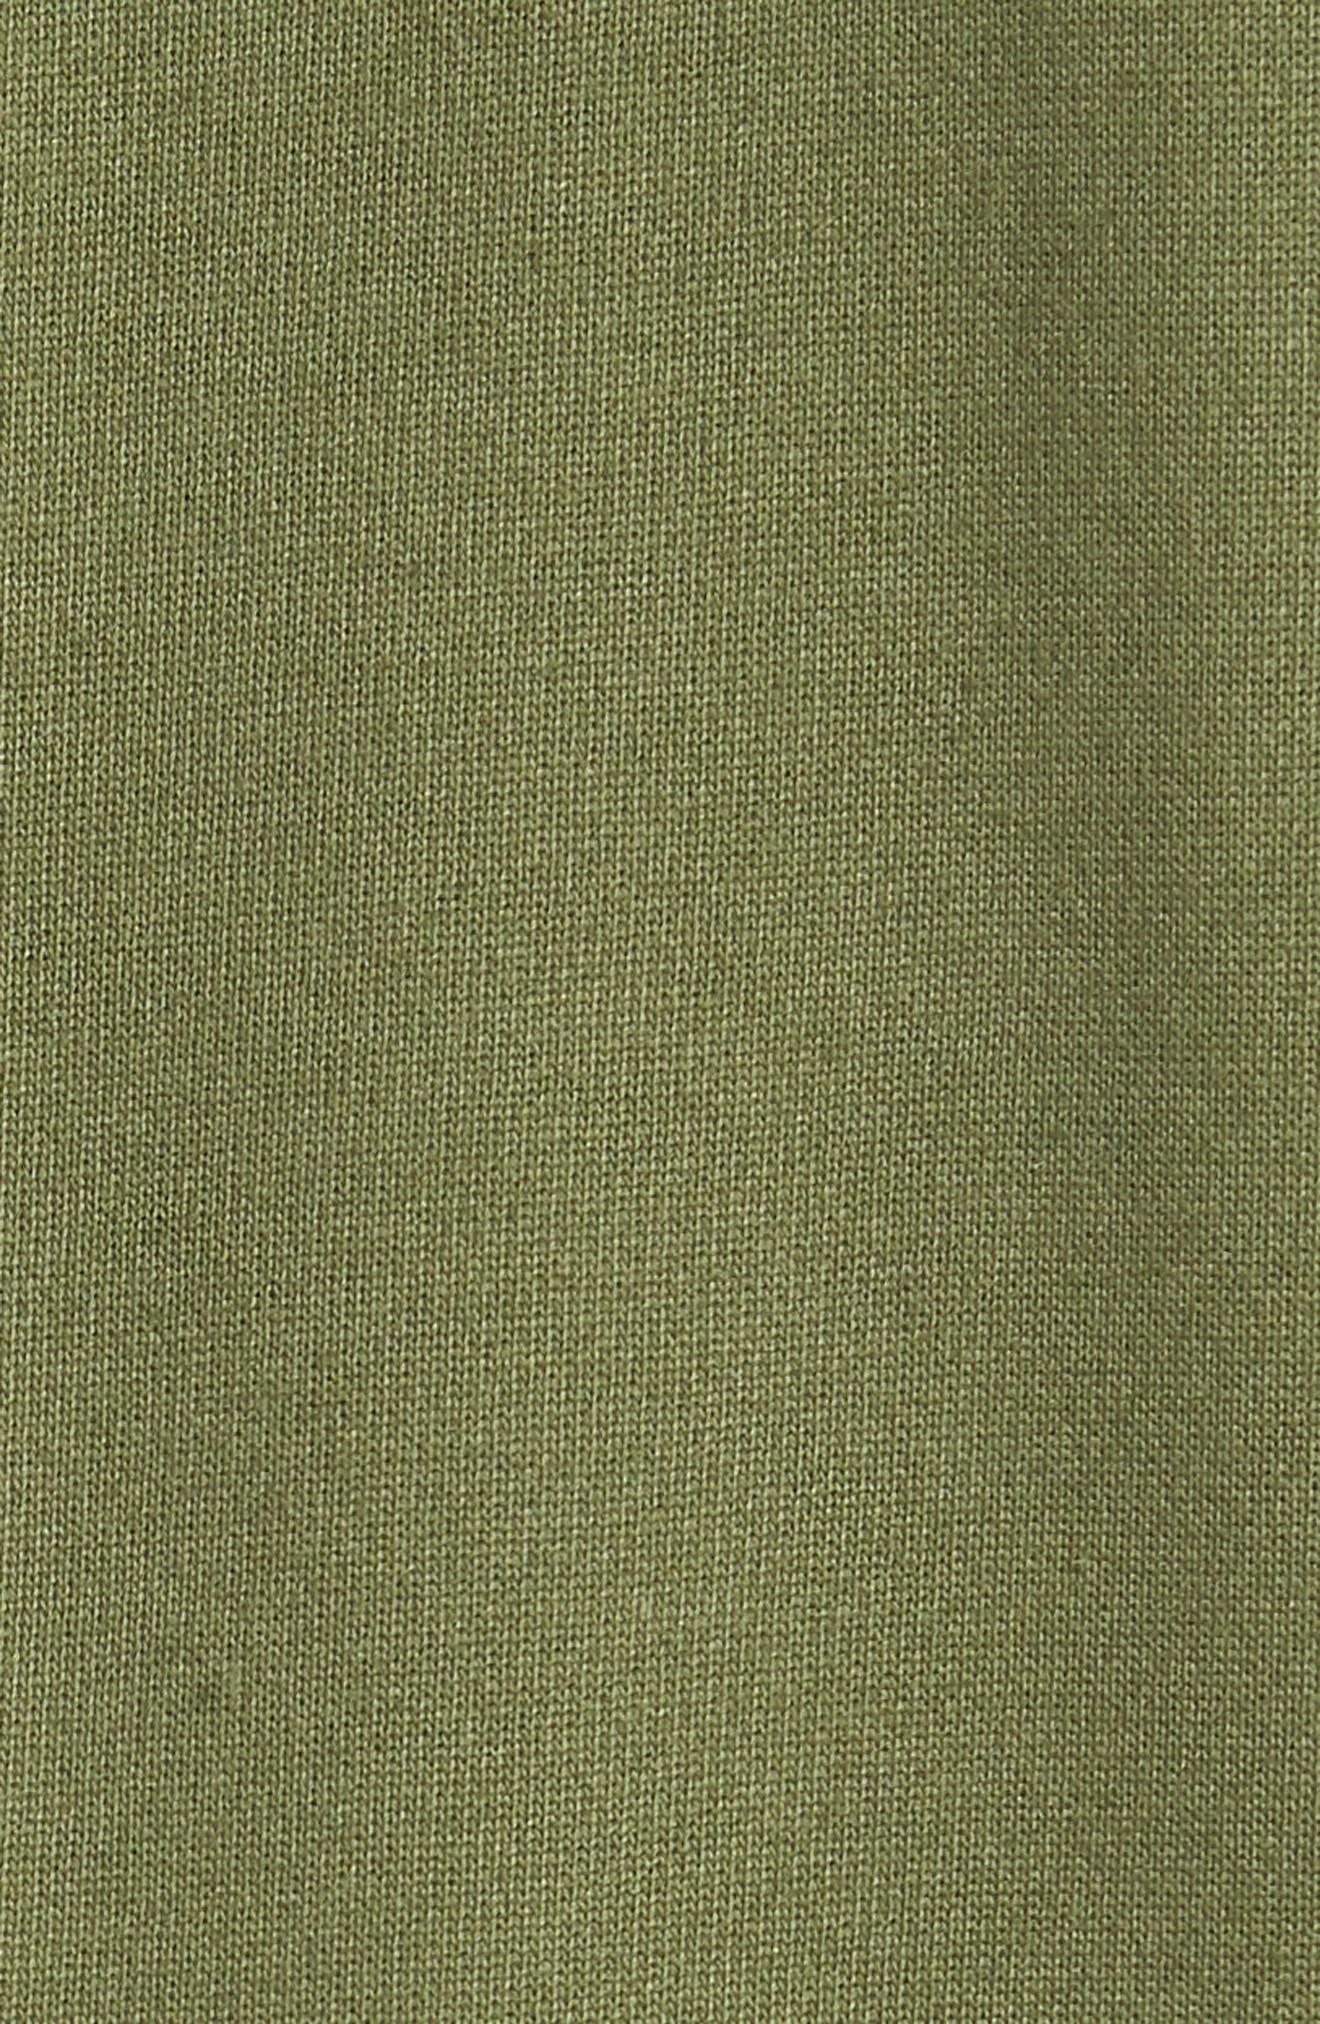 Core Hybrid Archive Sweatshirt,                             Alternate thumbnail 5, color,                             Sage